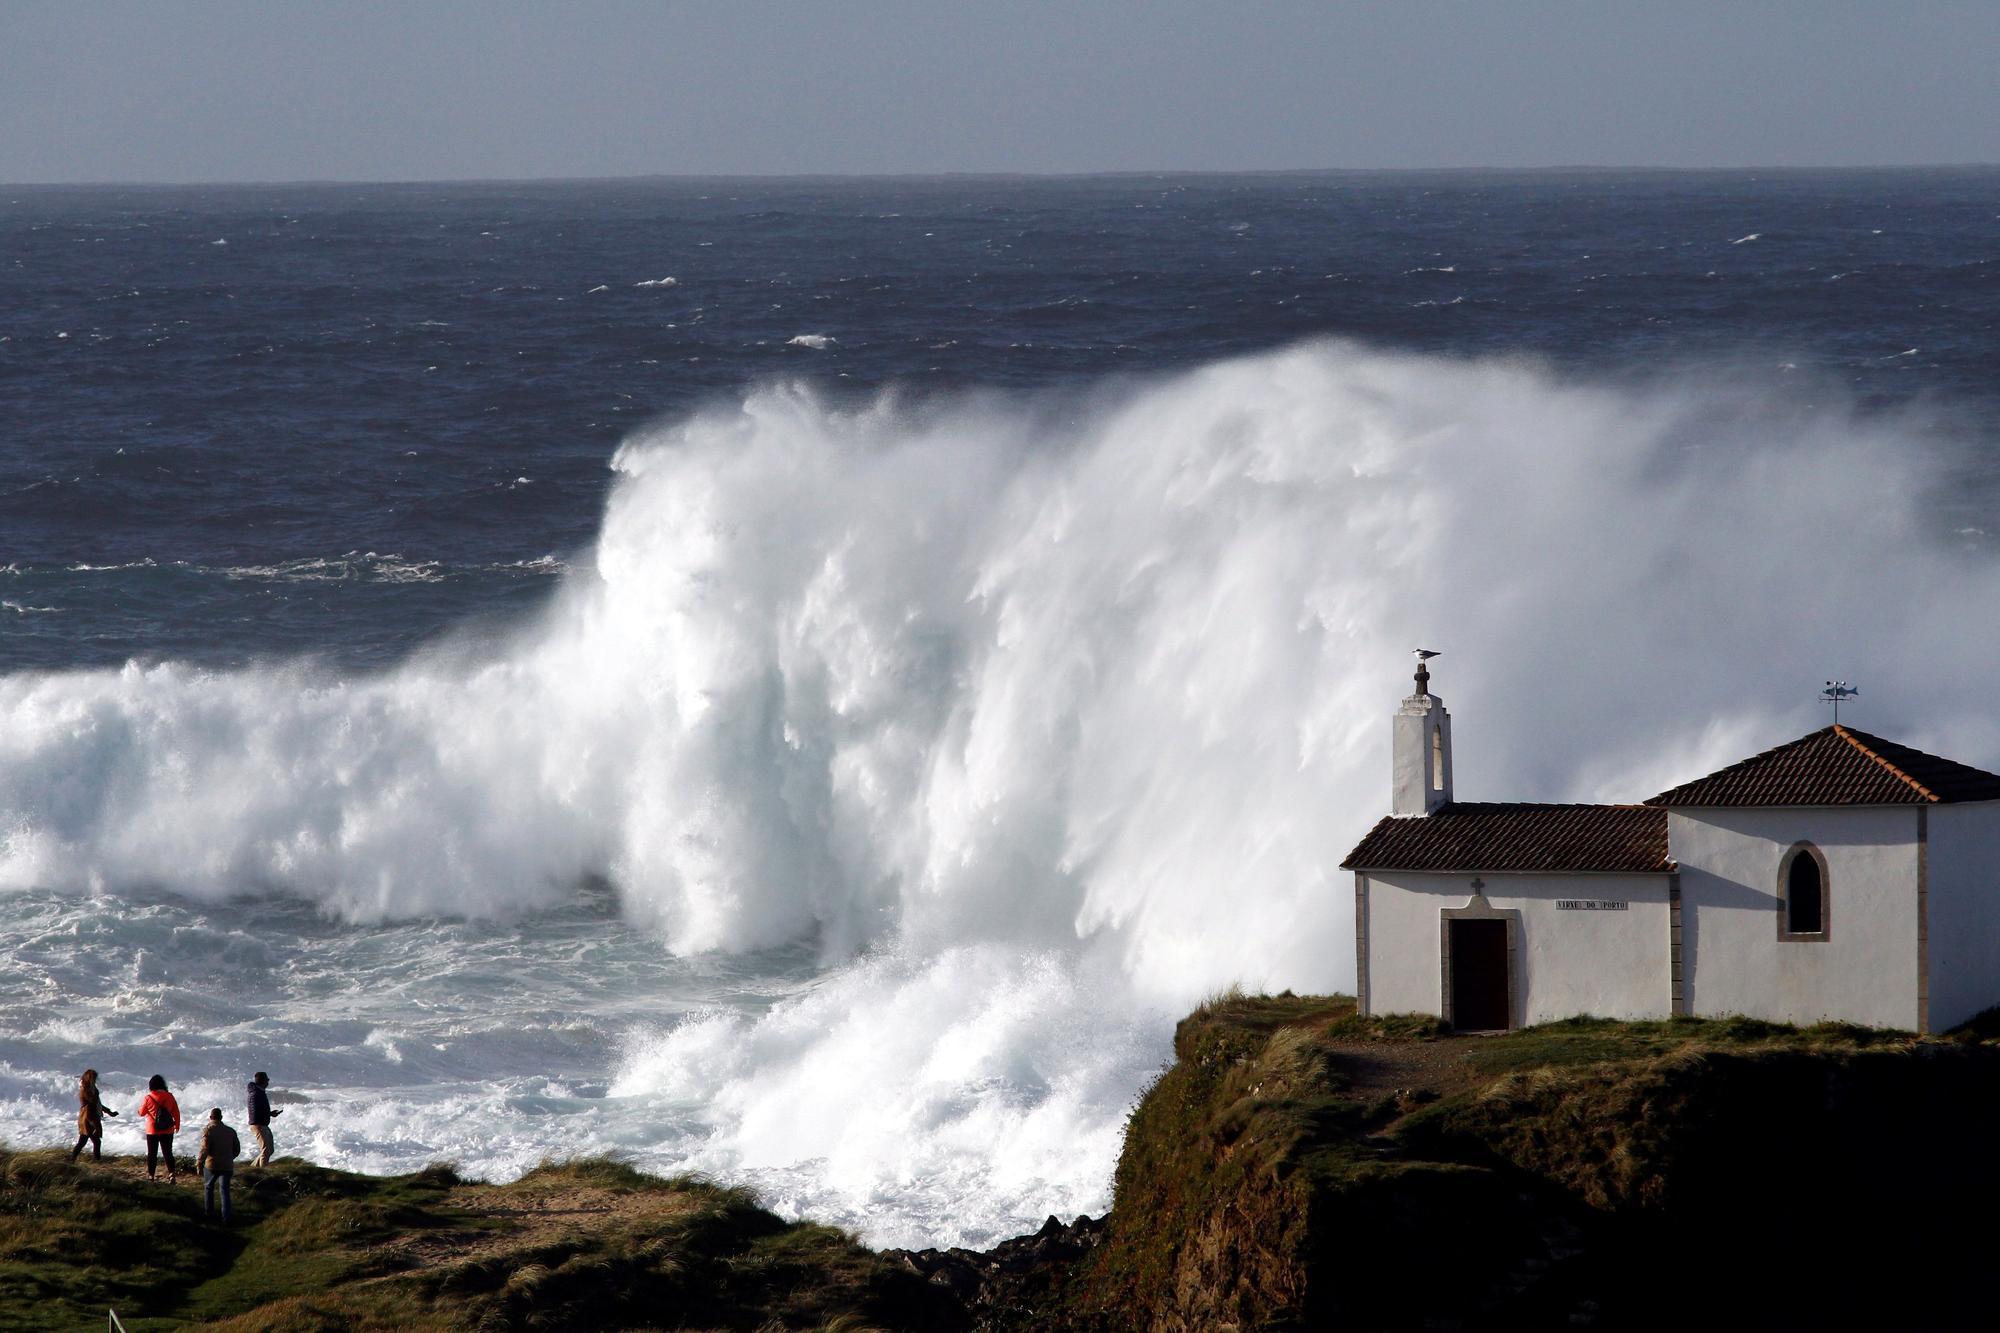 Alerta roja en la costa de Galicia por la llegada de grandes olas procedentes de una tormenta en el norte de Europa.